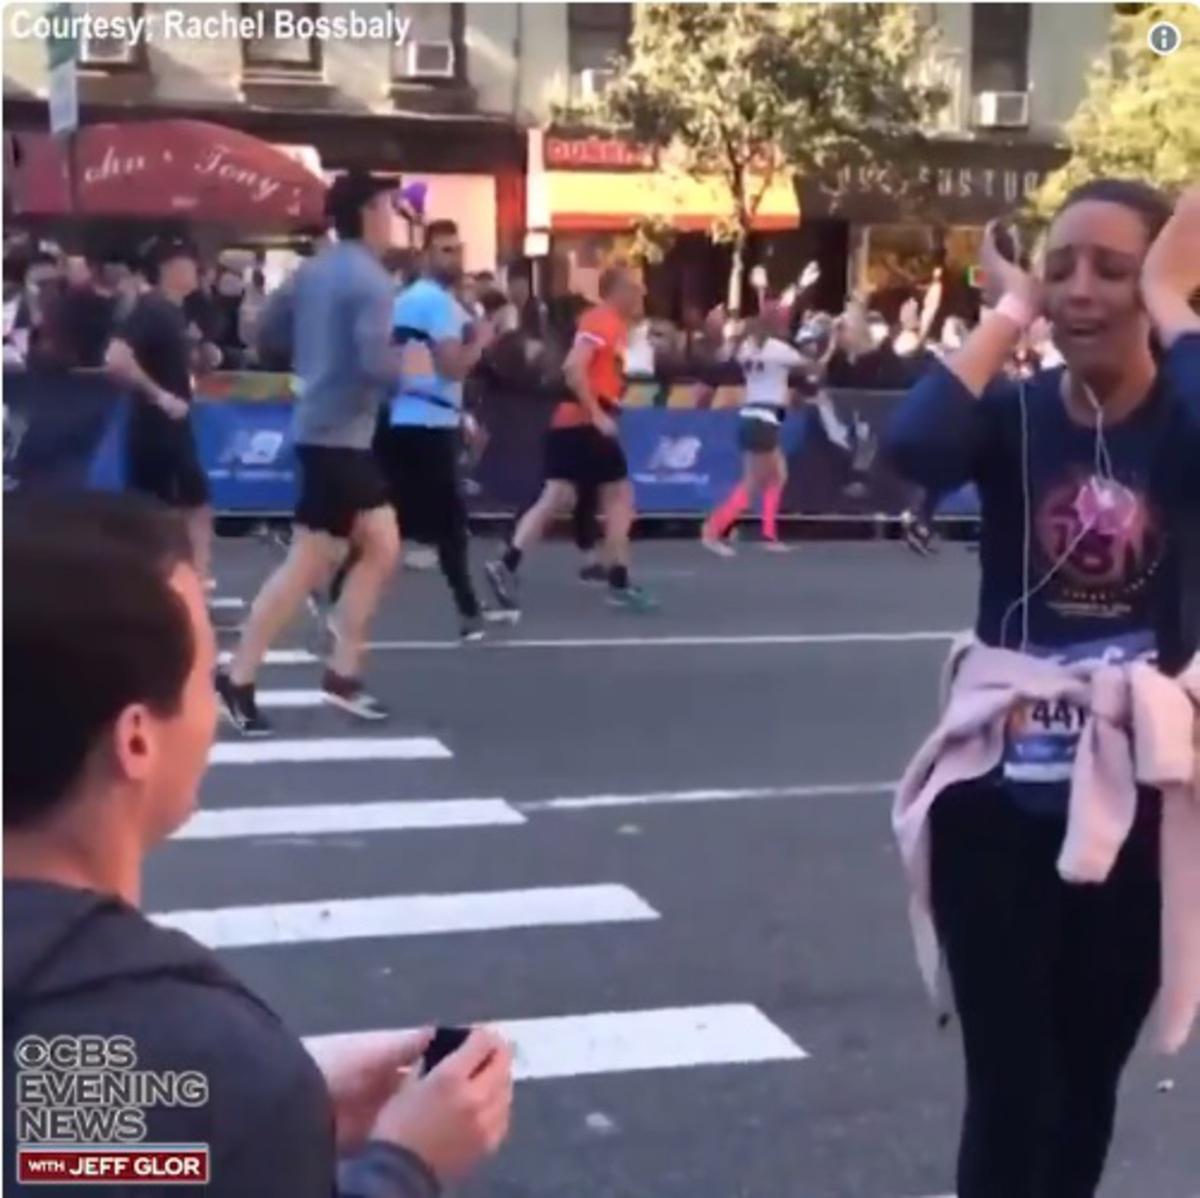 Парень сделал предложение девушке на марафоне и был проклят в соцсетях